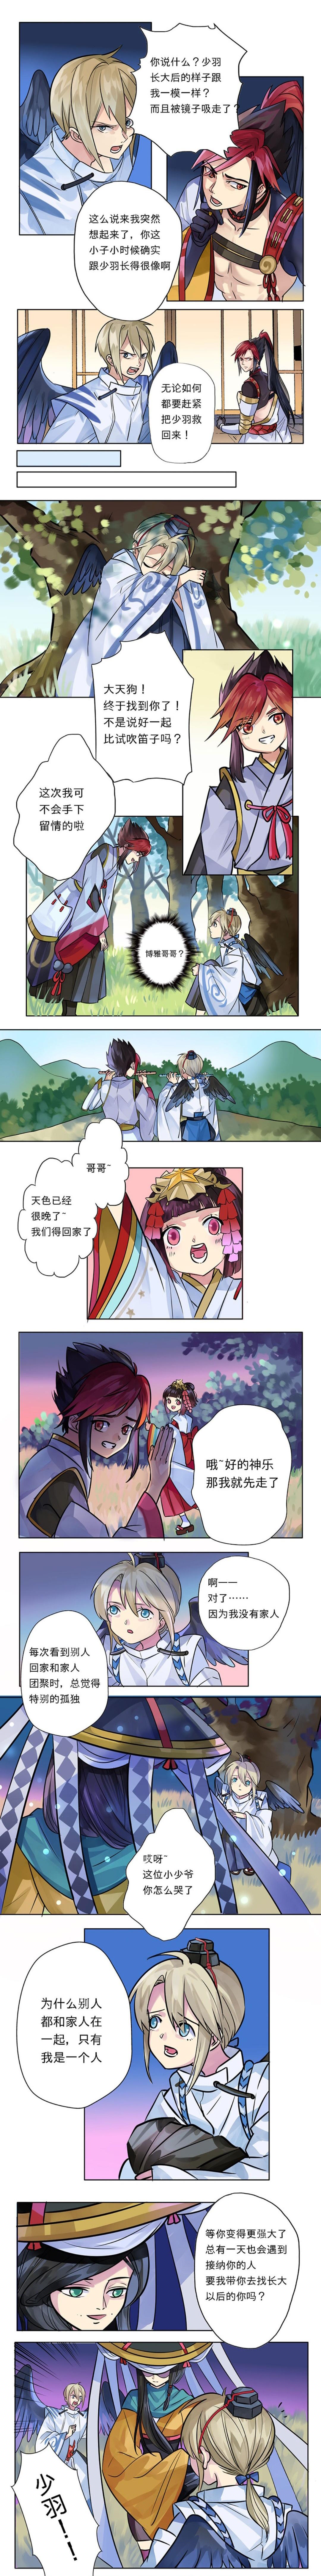 【阴阳师同人漫画】少羽大天狗养成记 最终回